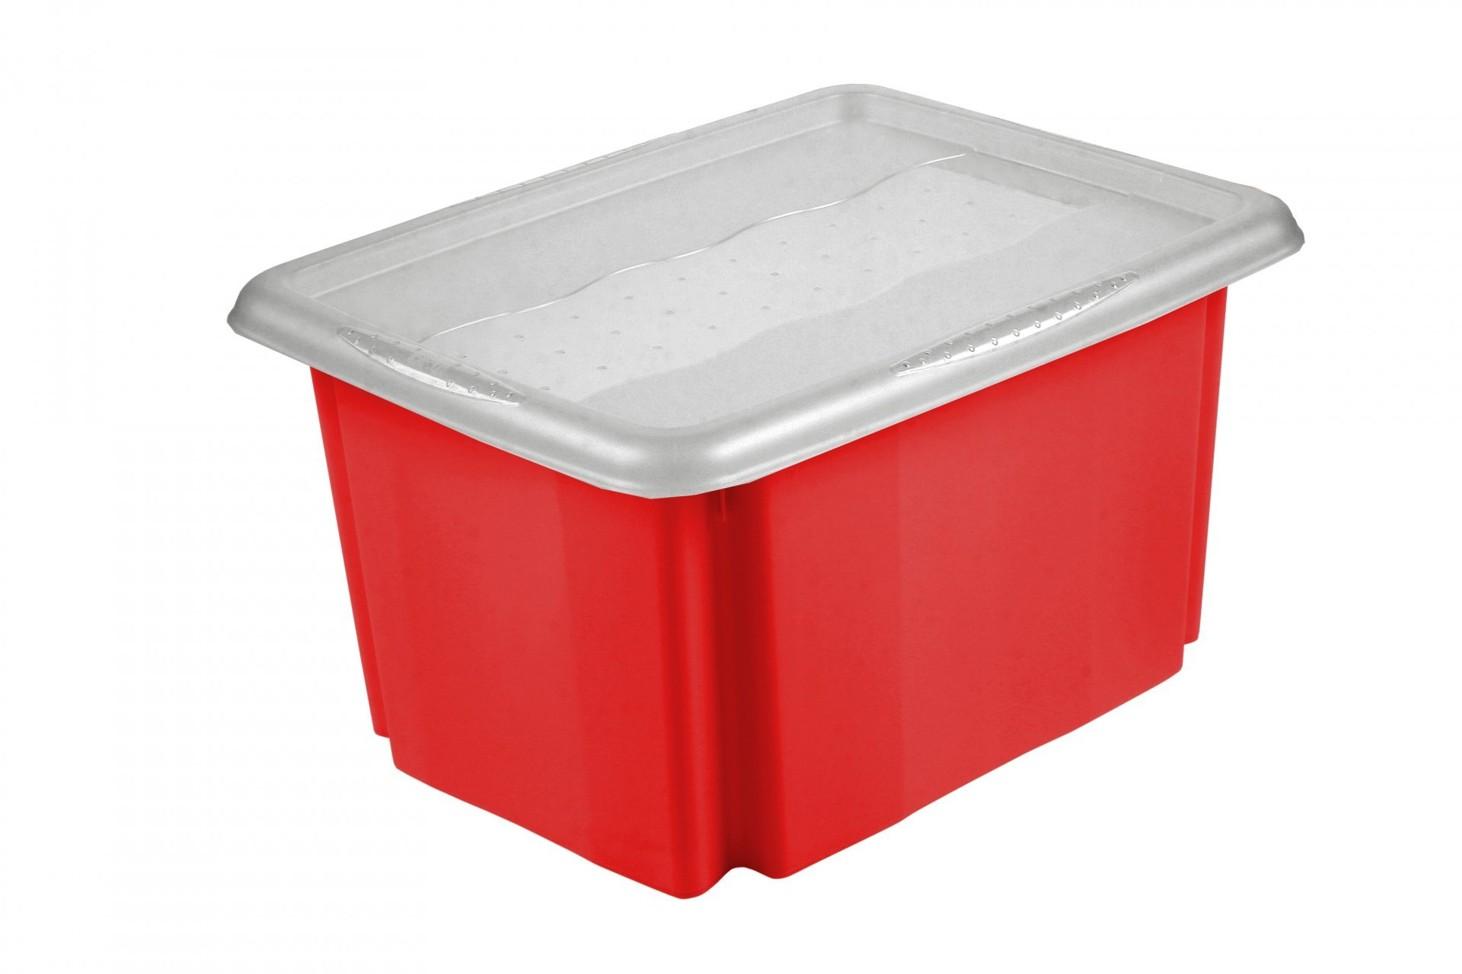 Keeeper Úložný box s víkem Emil & Emilia, červený 30L